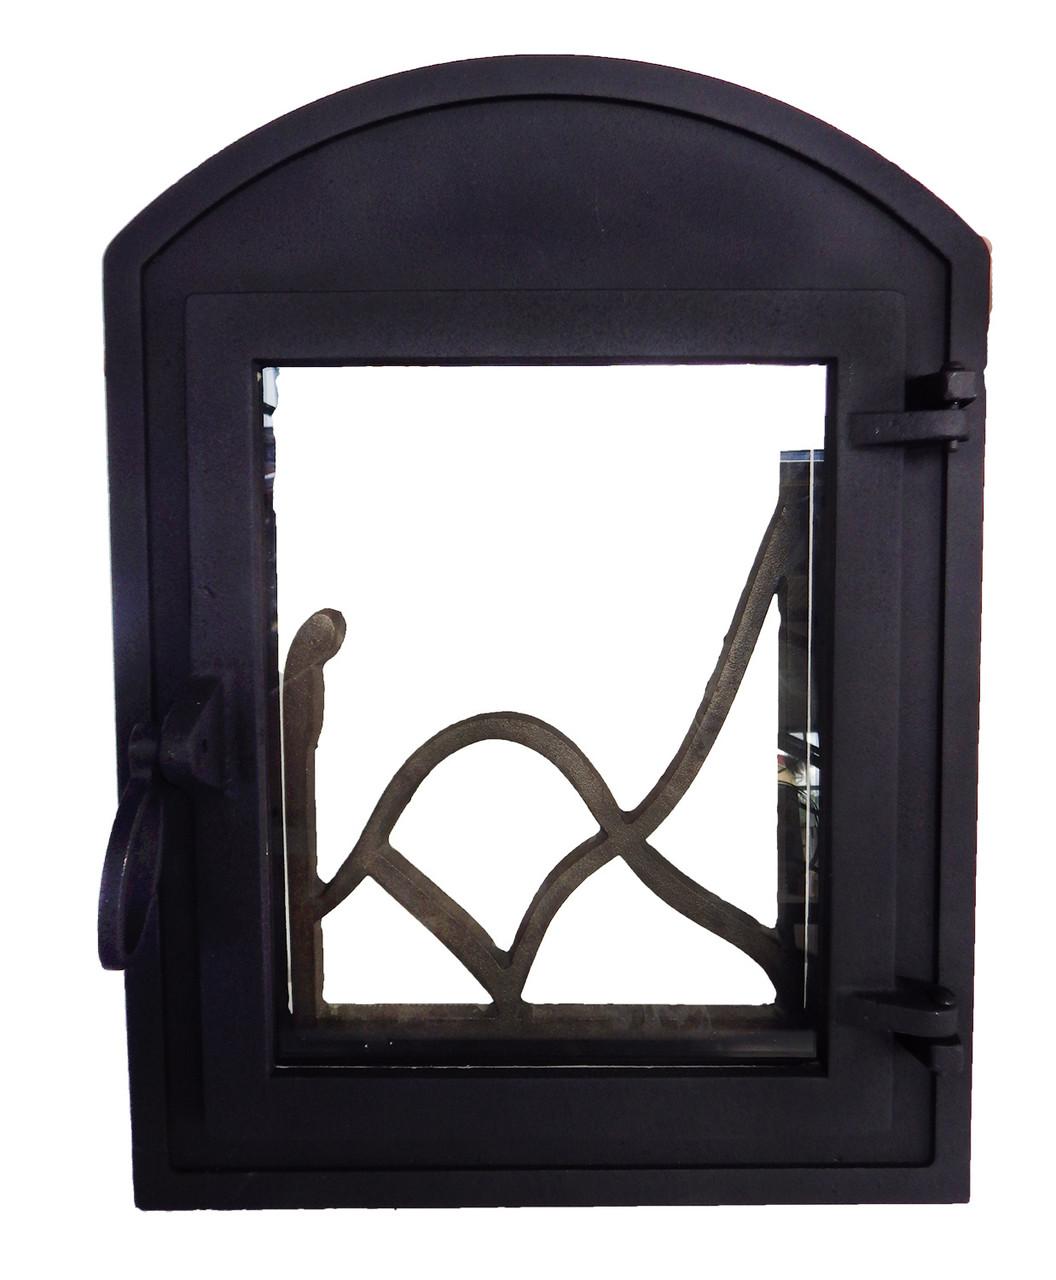 Каминная дверца - VVK 35 х 46 см/26х32см